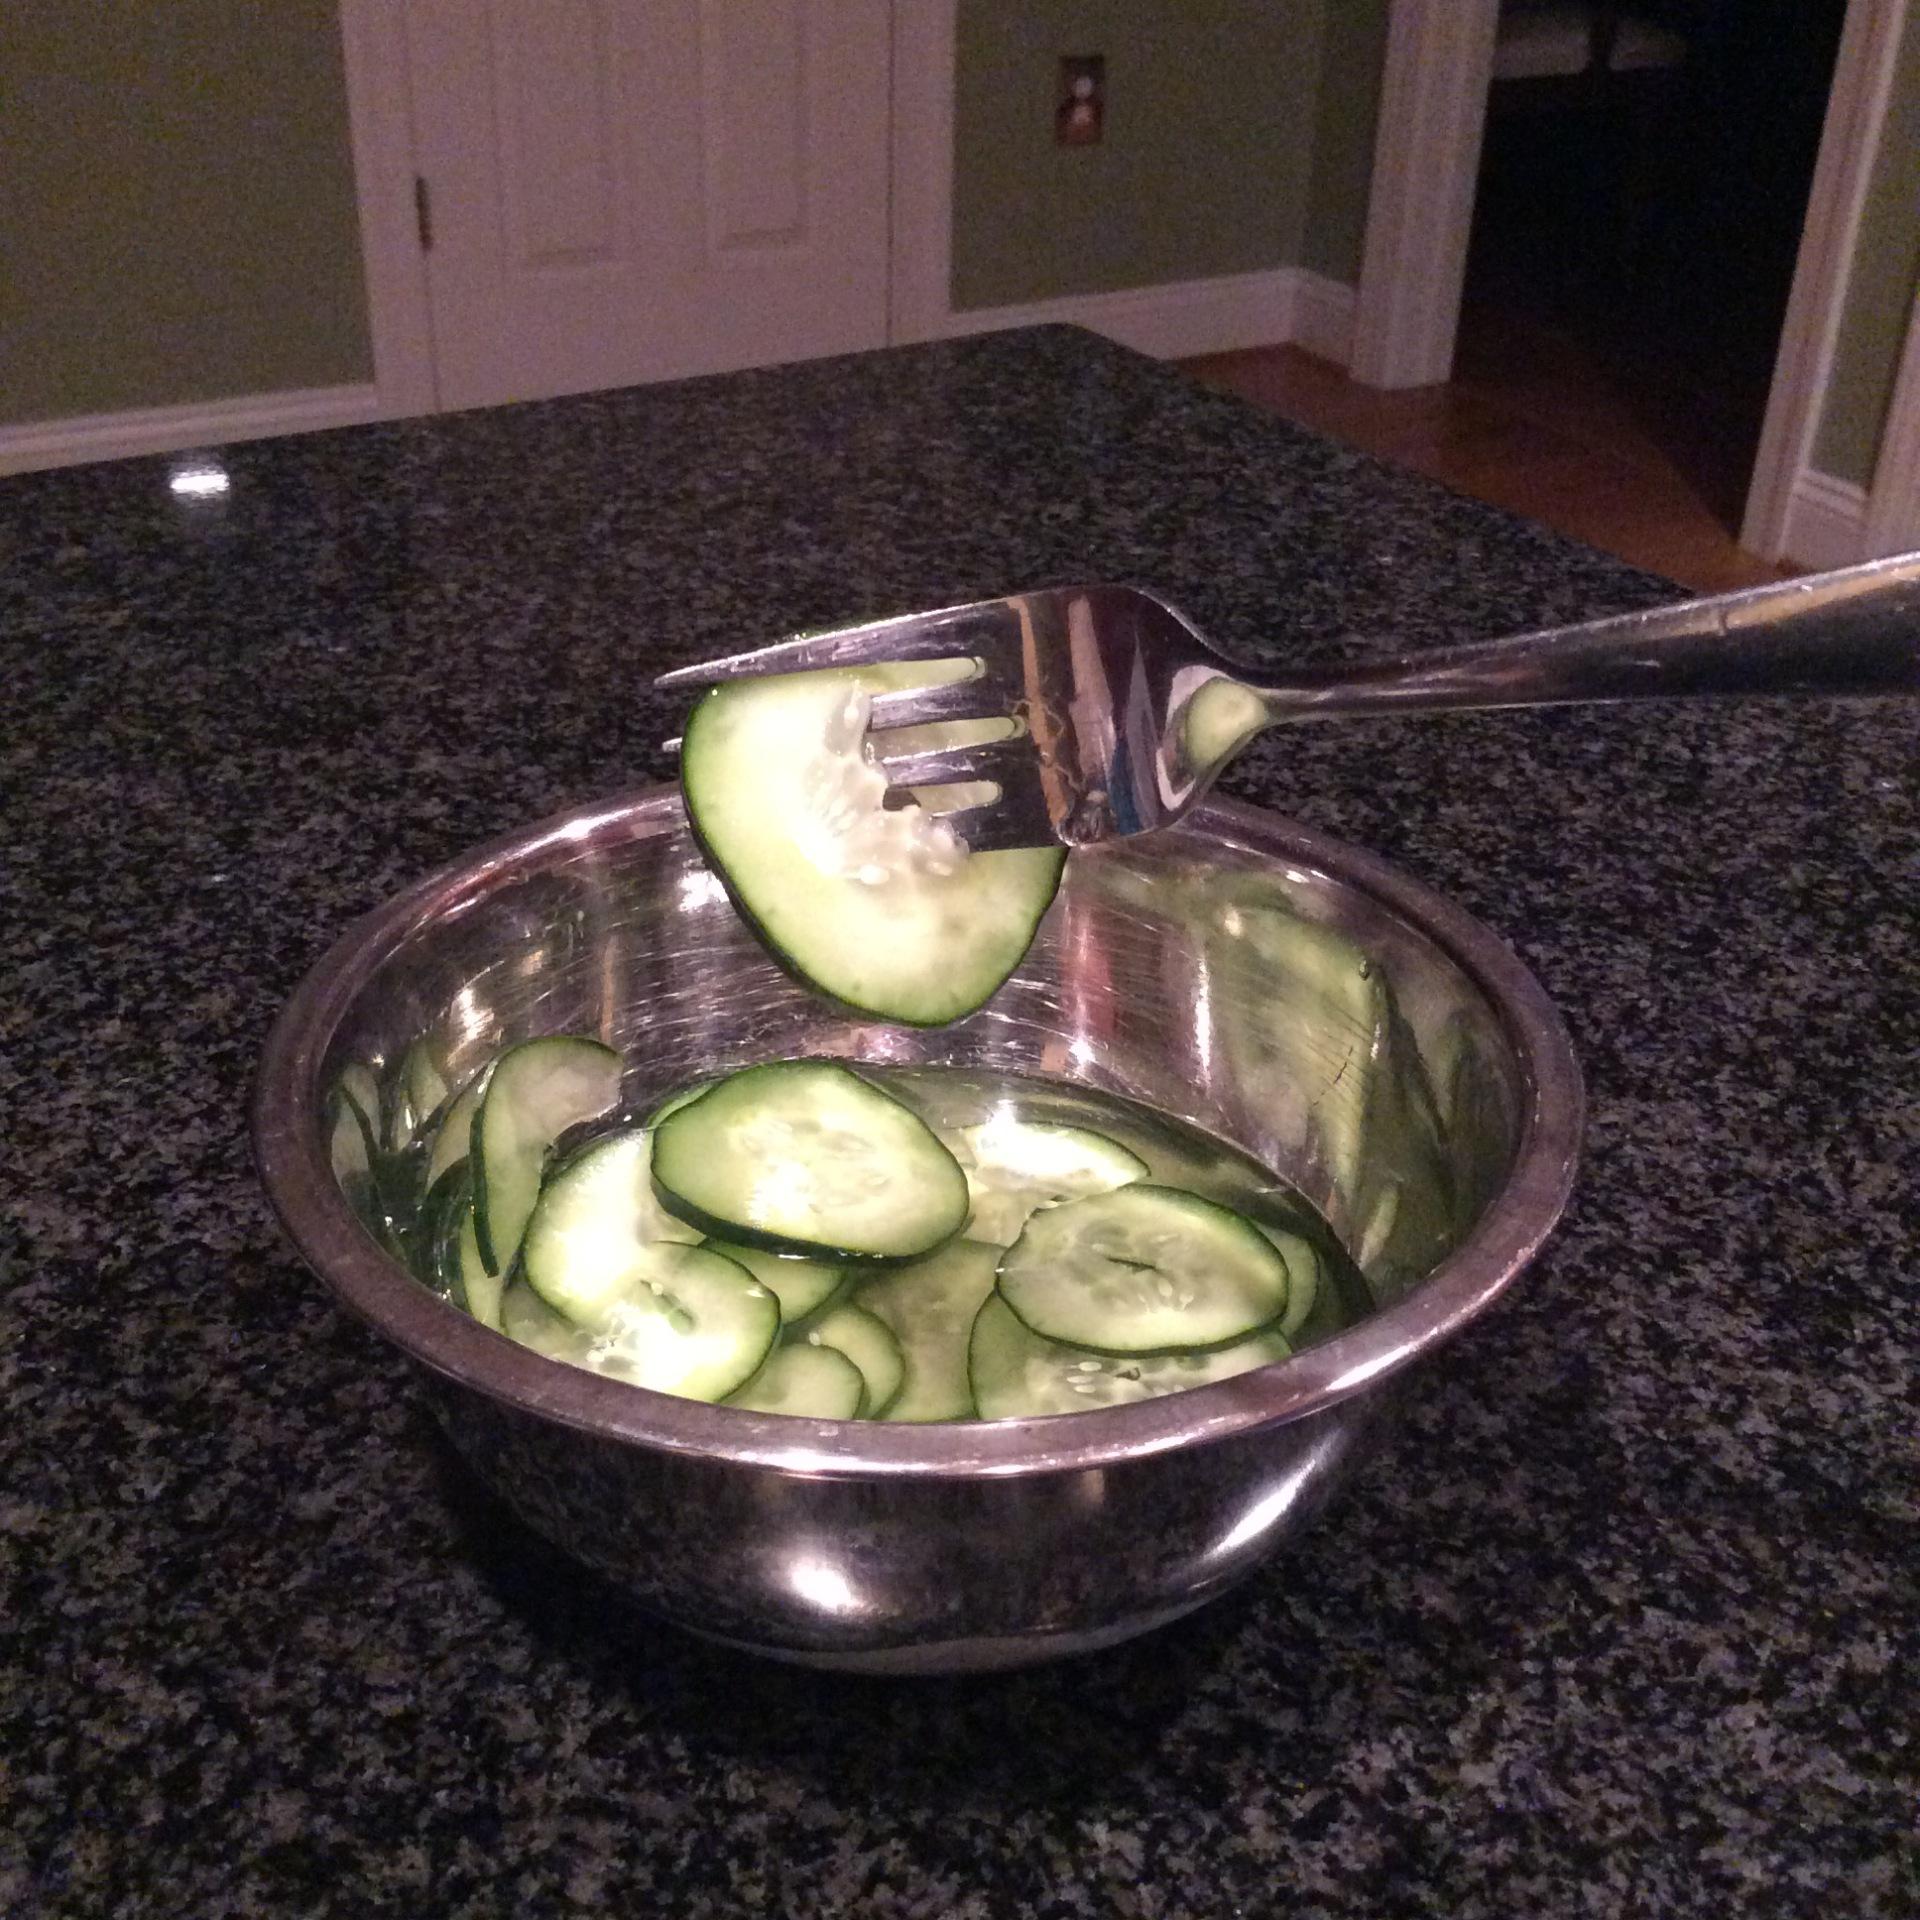 Justine's cucumbers